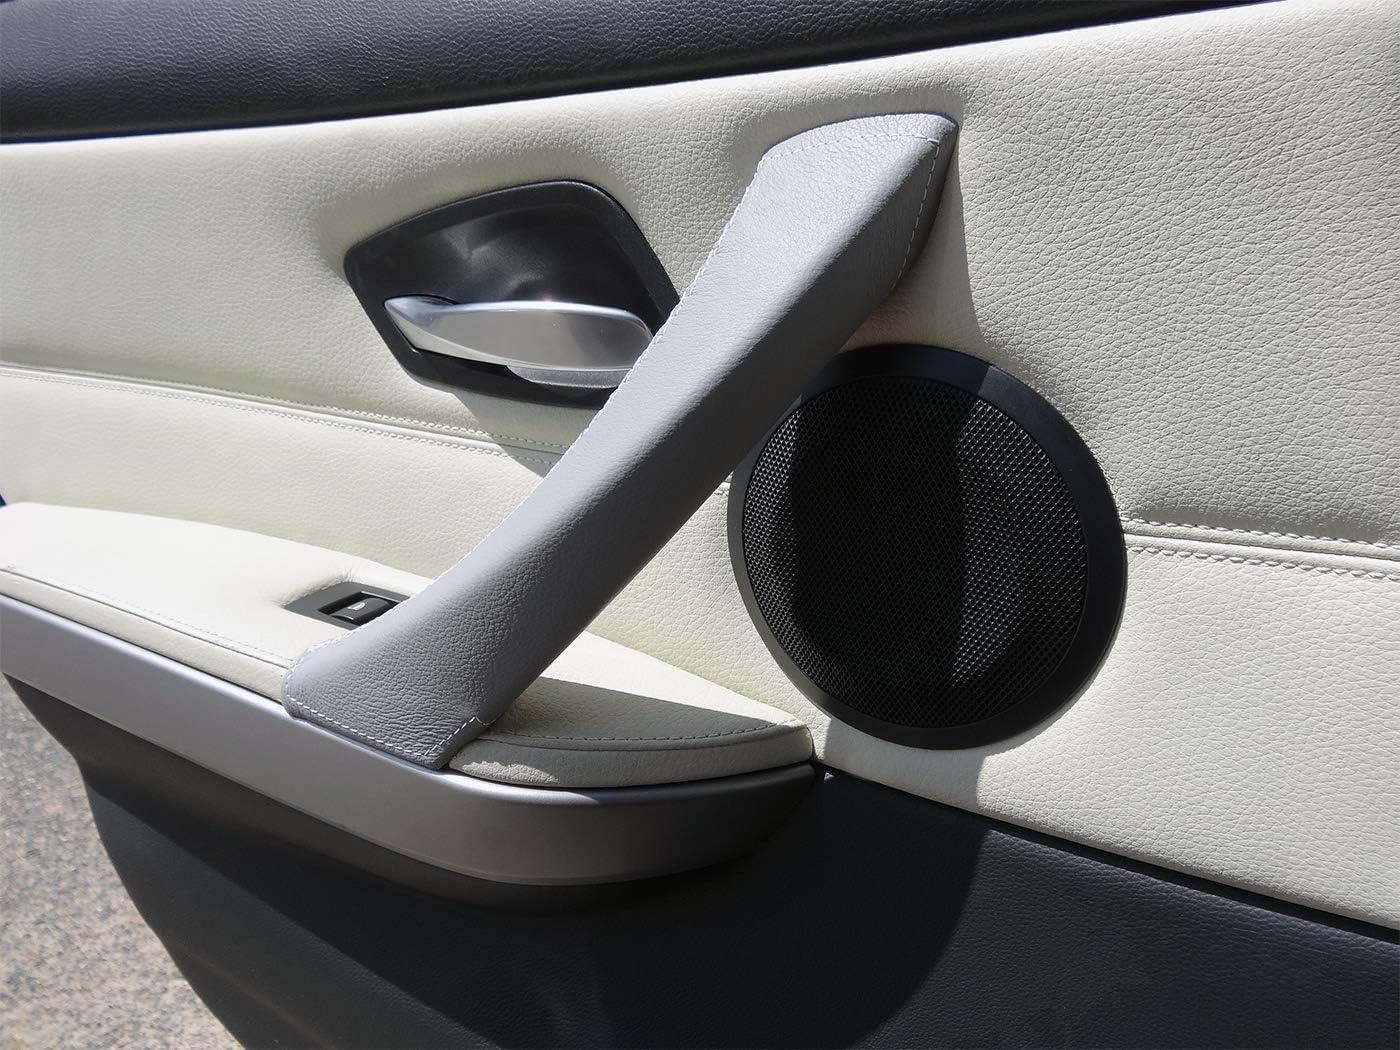 YlRNhe For BMW E90 E92 E93 E87 3 Series 2005-2012 Carbon Fiber Style ABS Car Gear Shift Head Cover Trim